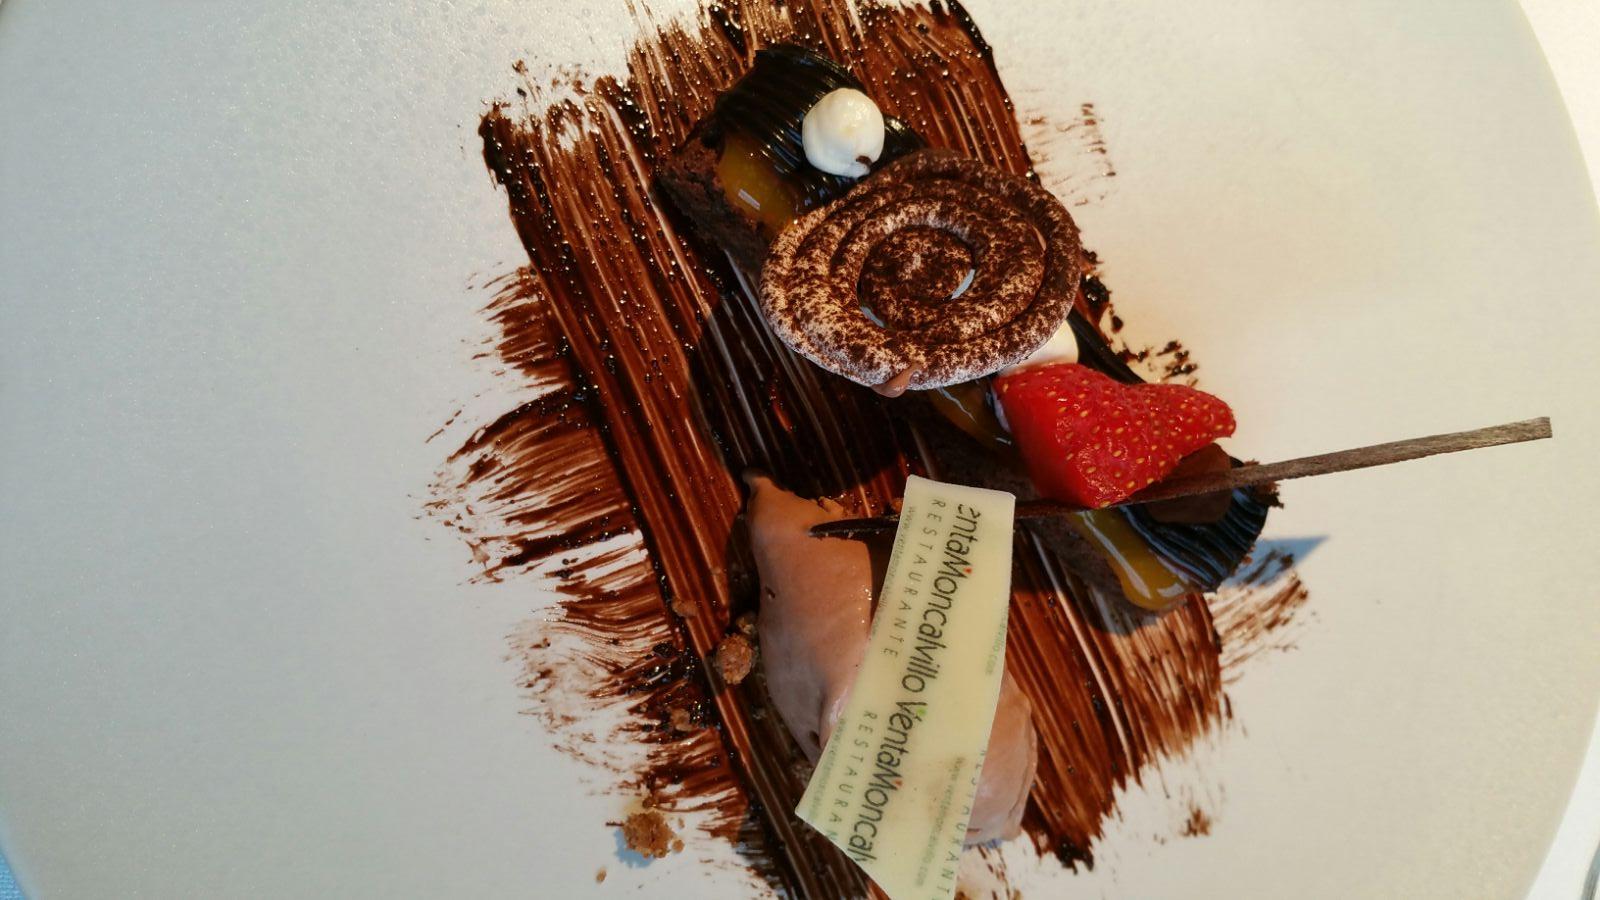 Venta Moncalvillo en Daroca de Rioja Chocolate en texturas 2015